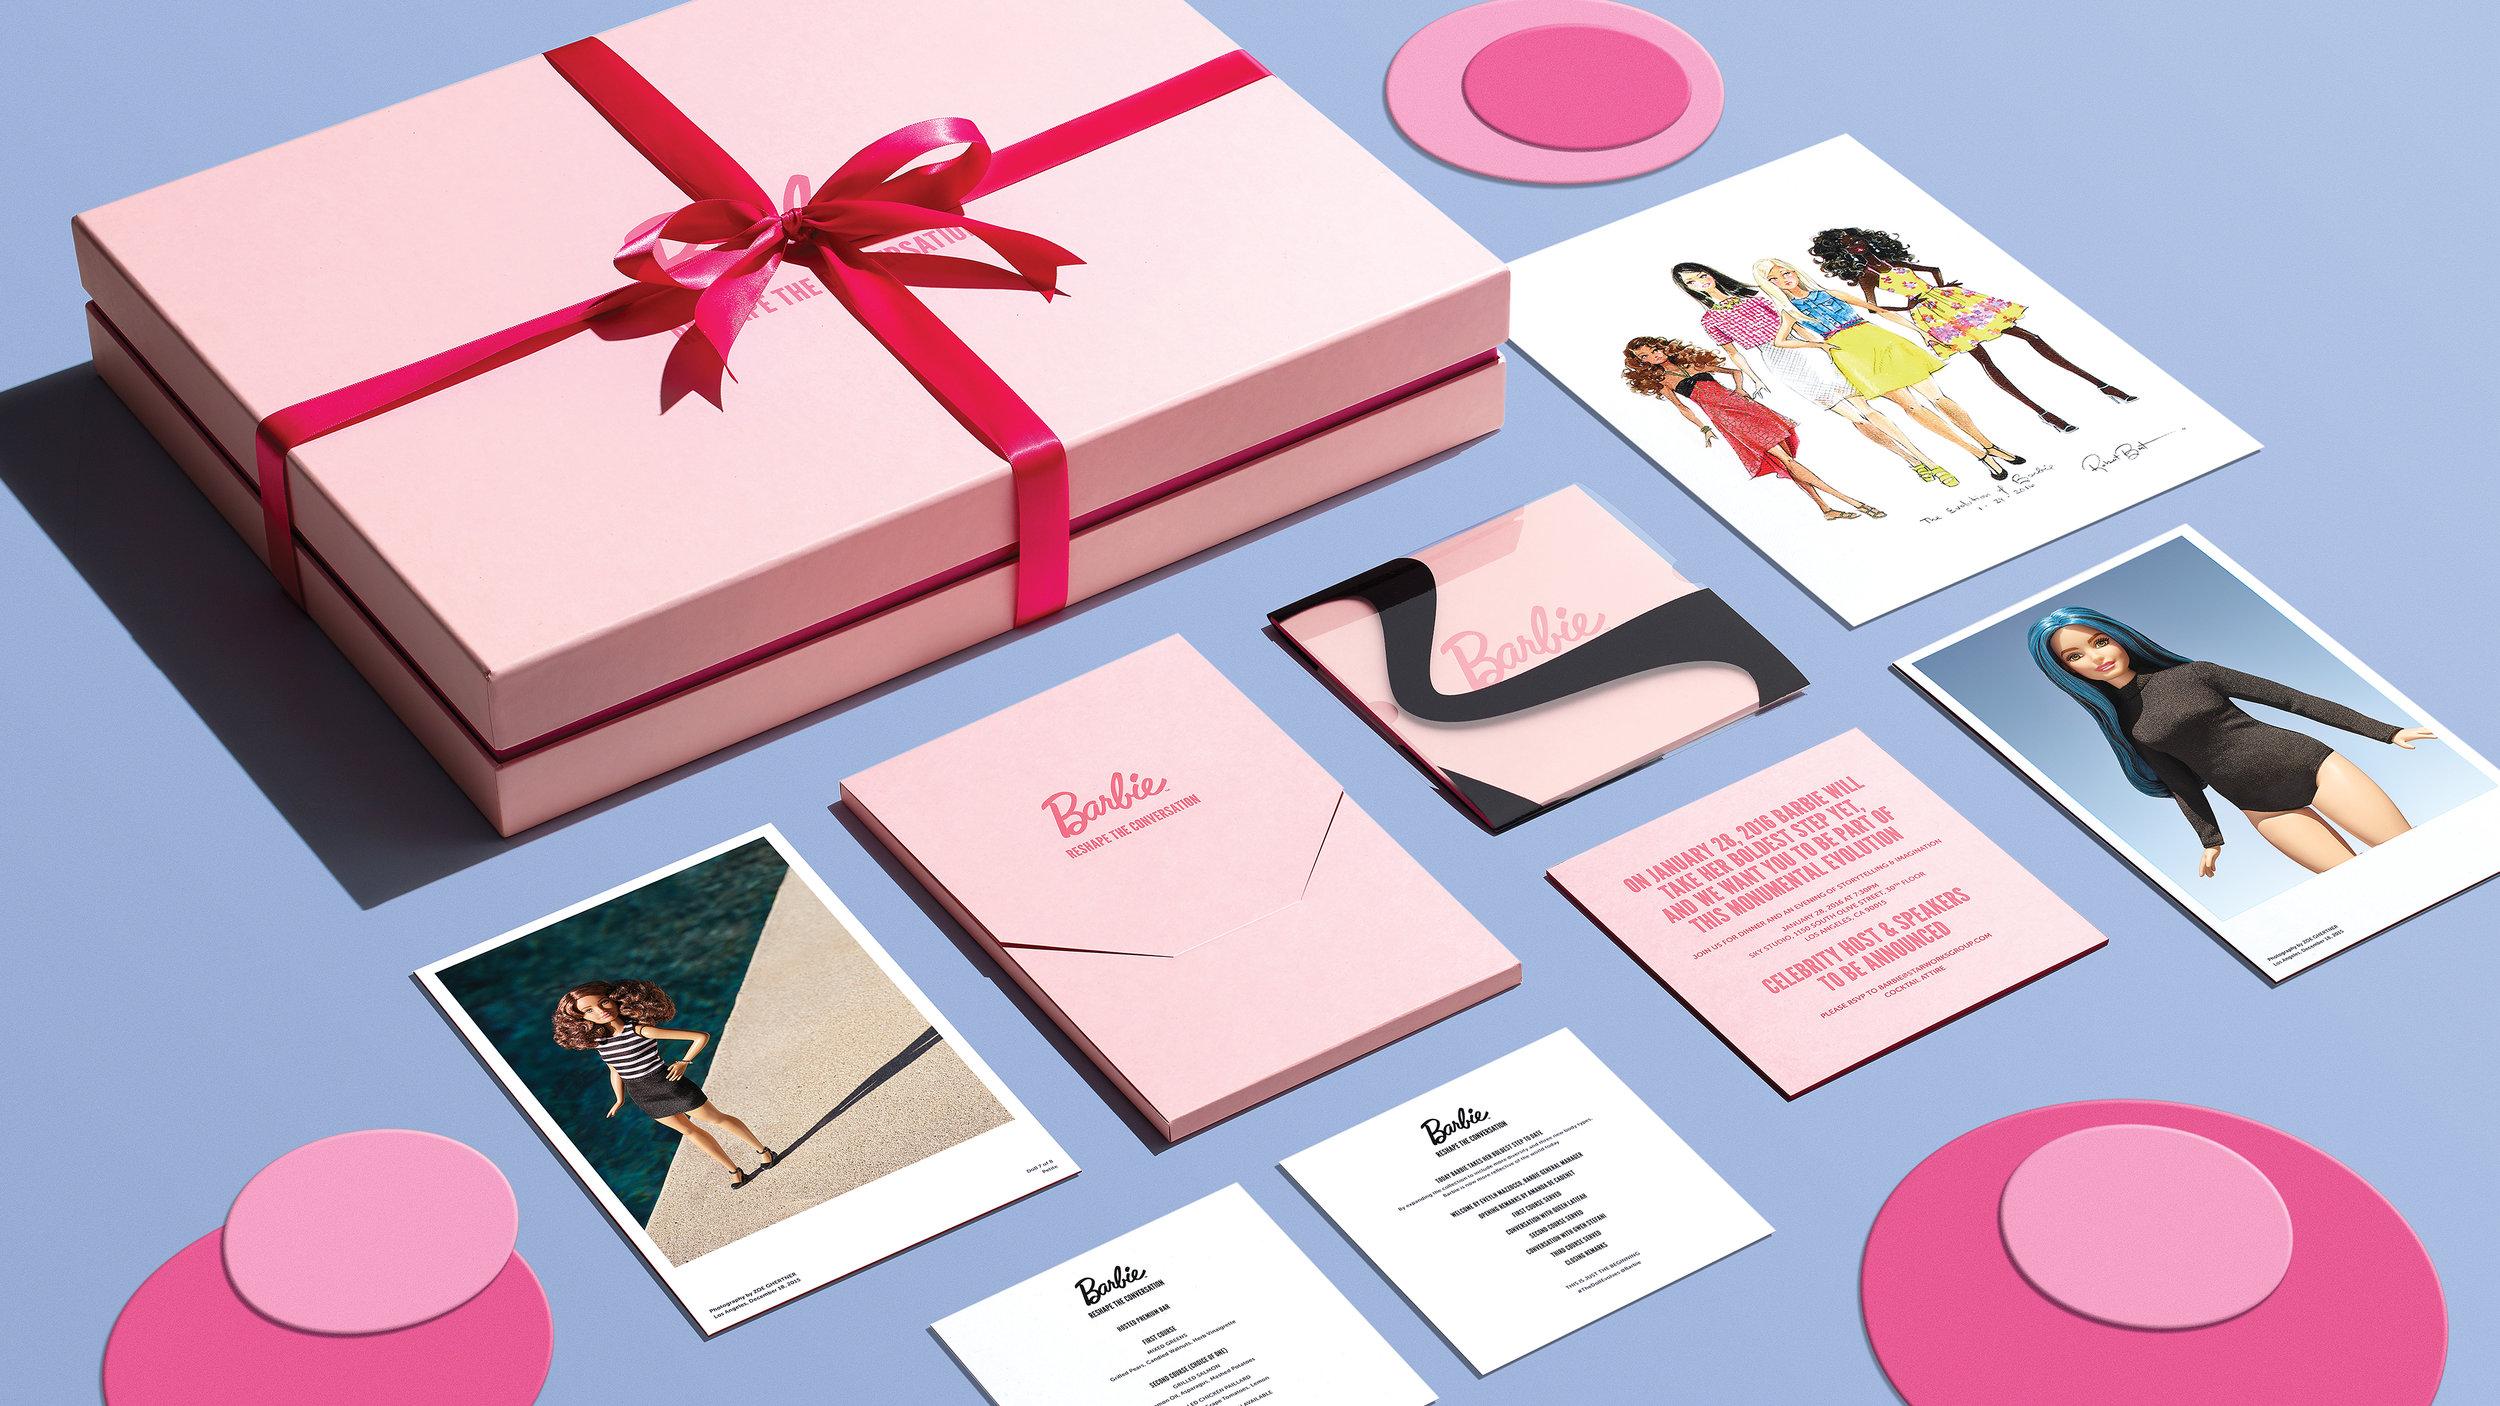 MRB_Web_Barbie_0005_6.jpg